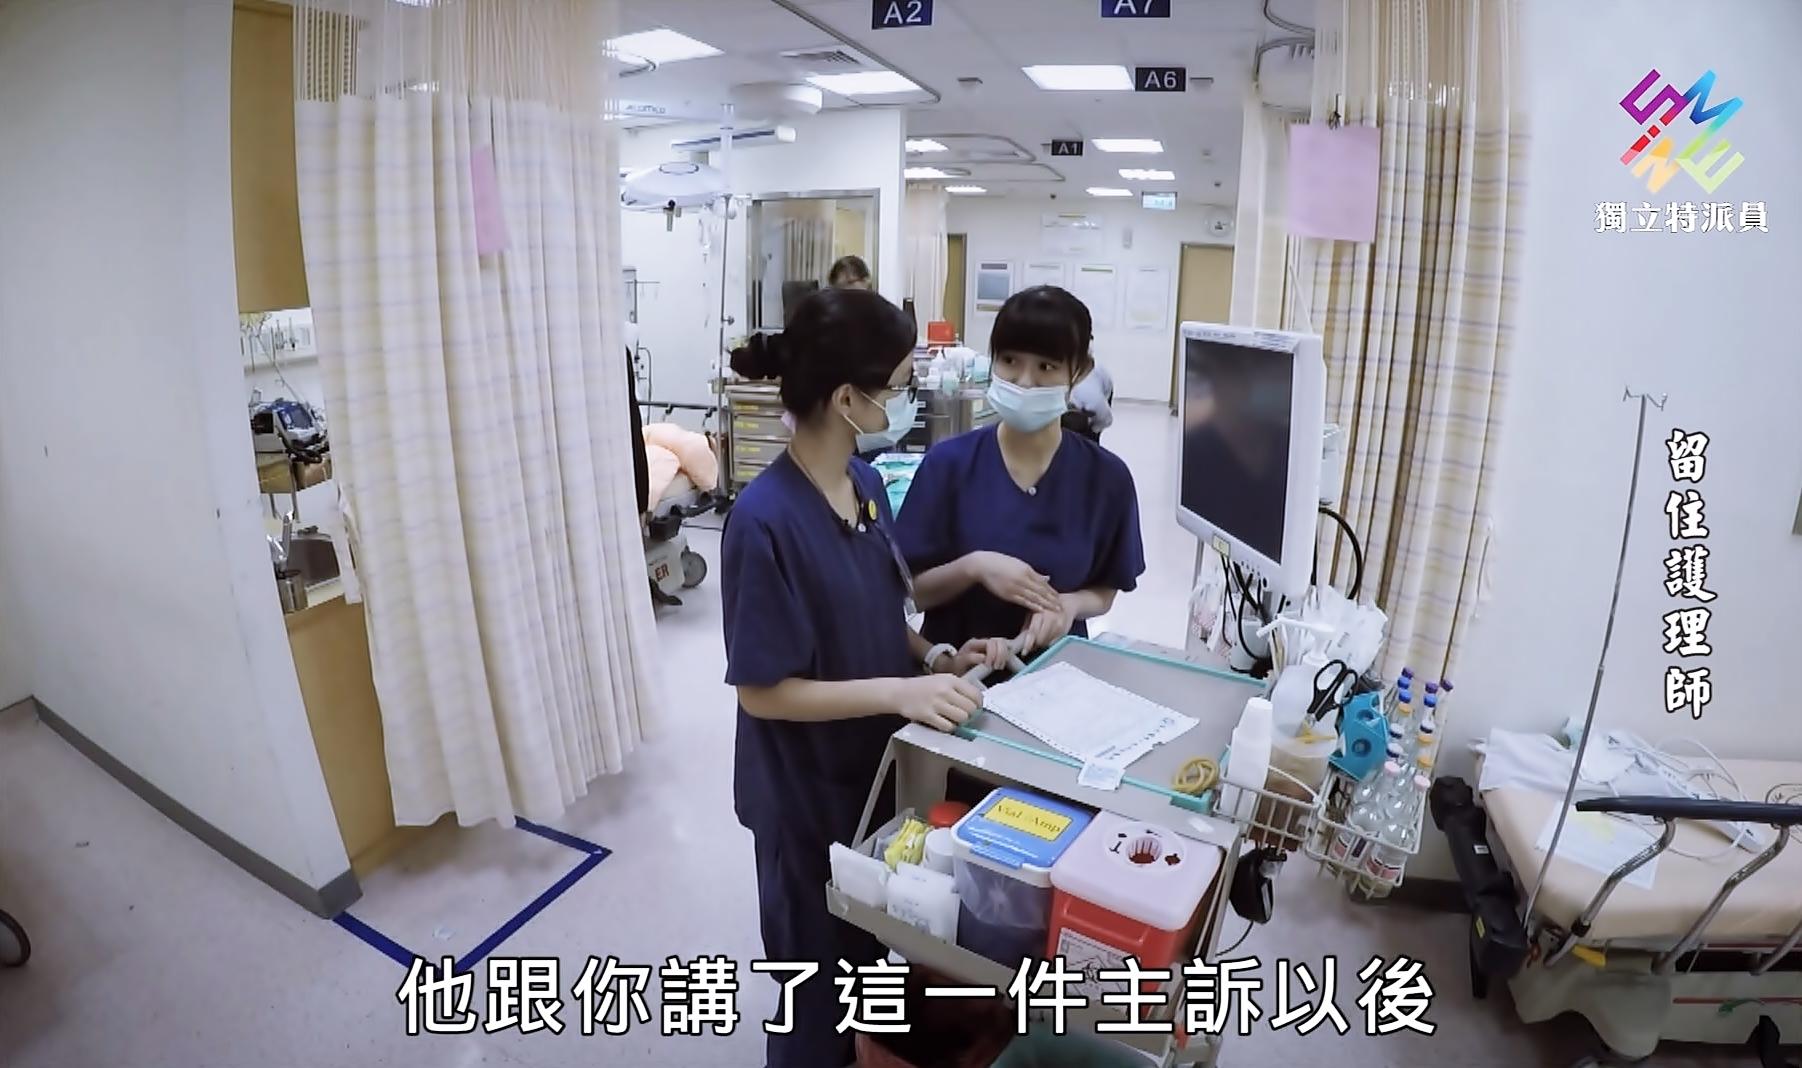 Leader、主護瞭解病人程度不一  交班學姐爆氣:我自己看!-工作甘苦談